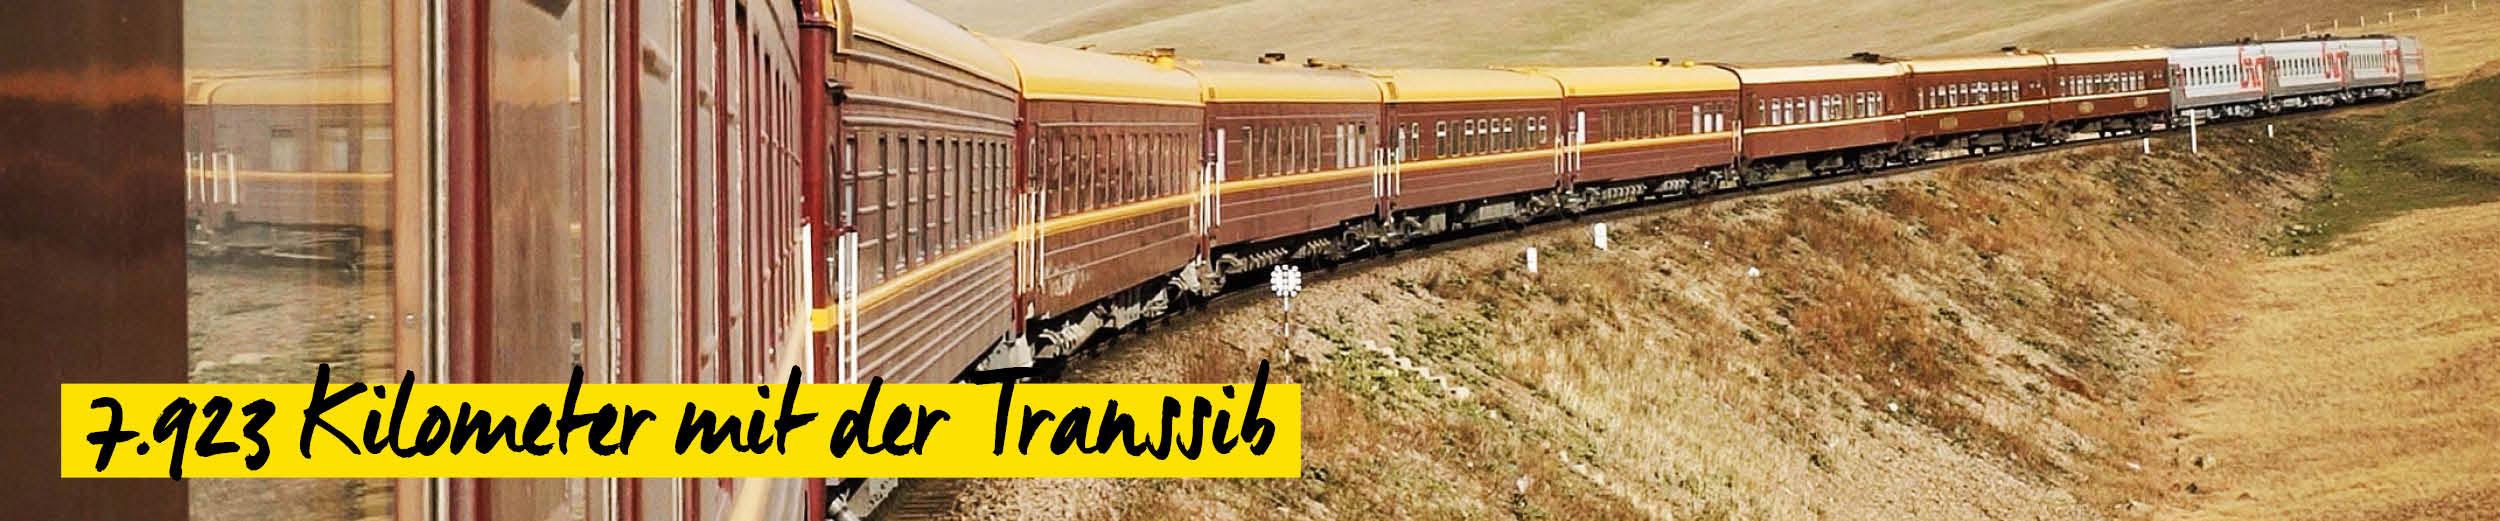 Transibirische Eisenbahn - Dennis Schmelz Kameramann